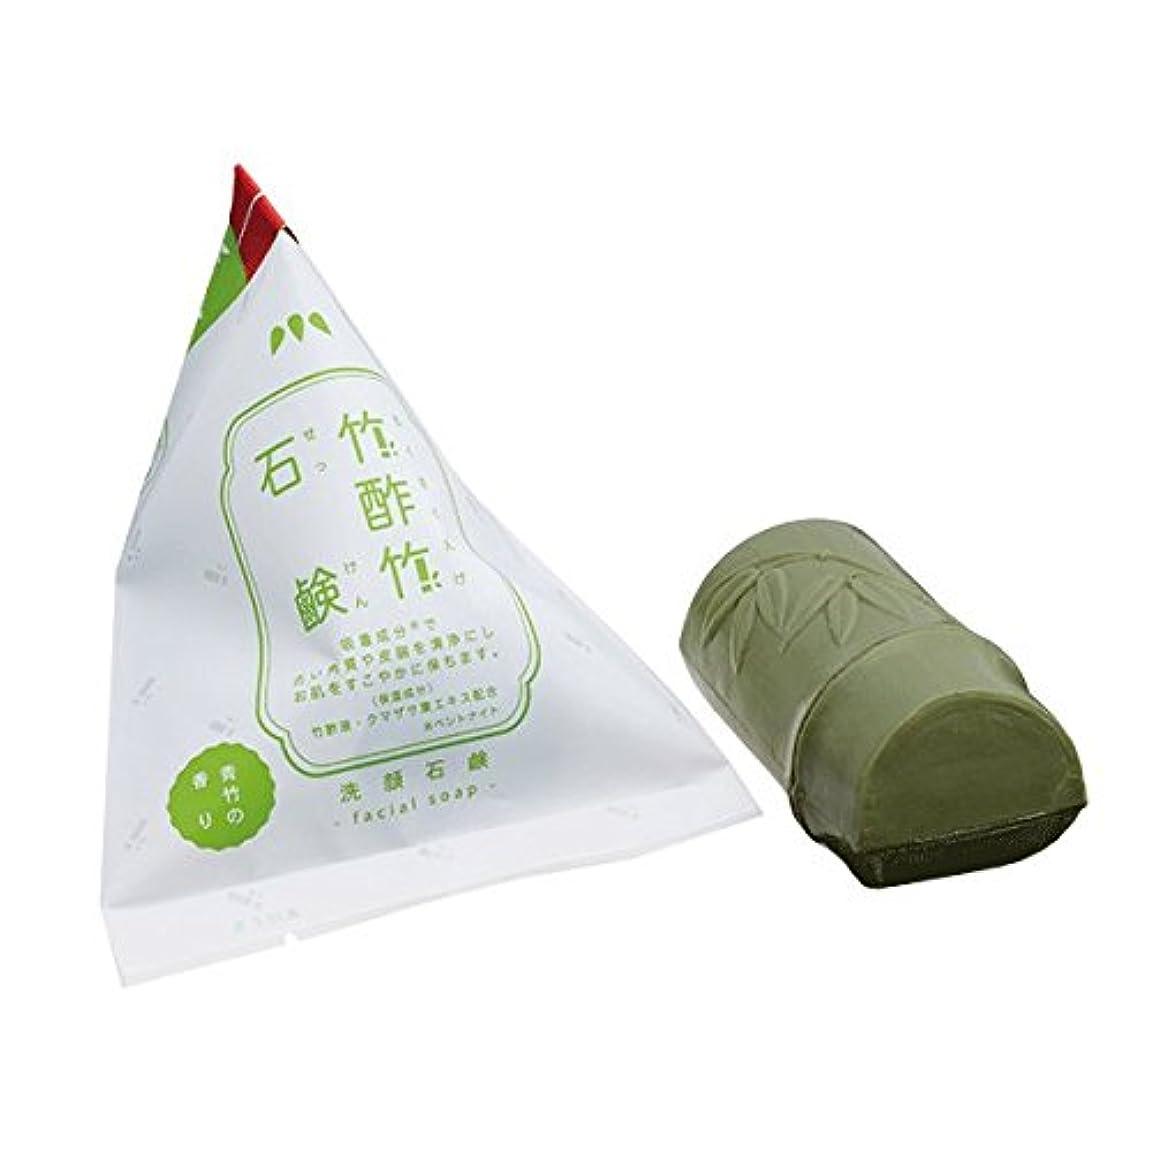 大理石大理石ホップフェニックス 竹酢竹泥棒石鹸120g(5個セット)